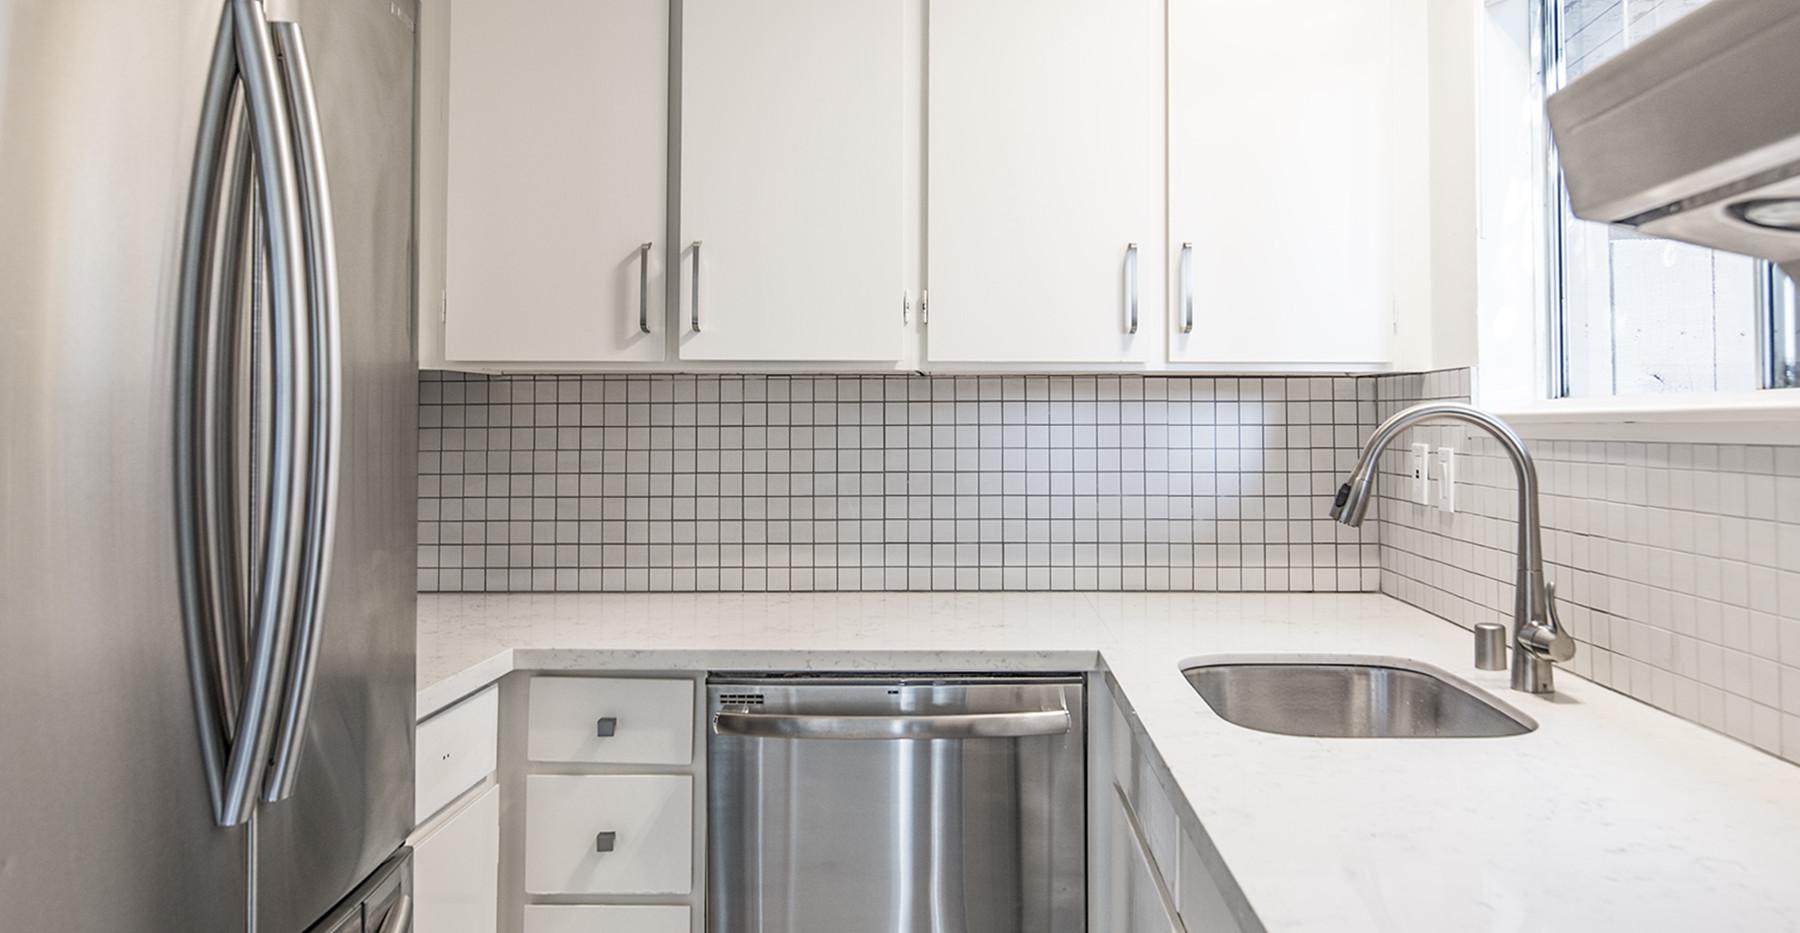 6 Lyford Dr unit 7 Kitchen 2.jpg